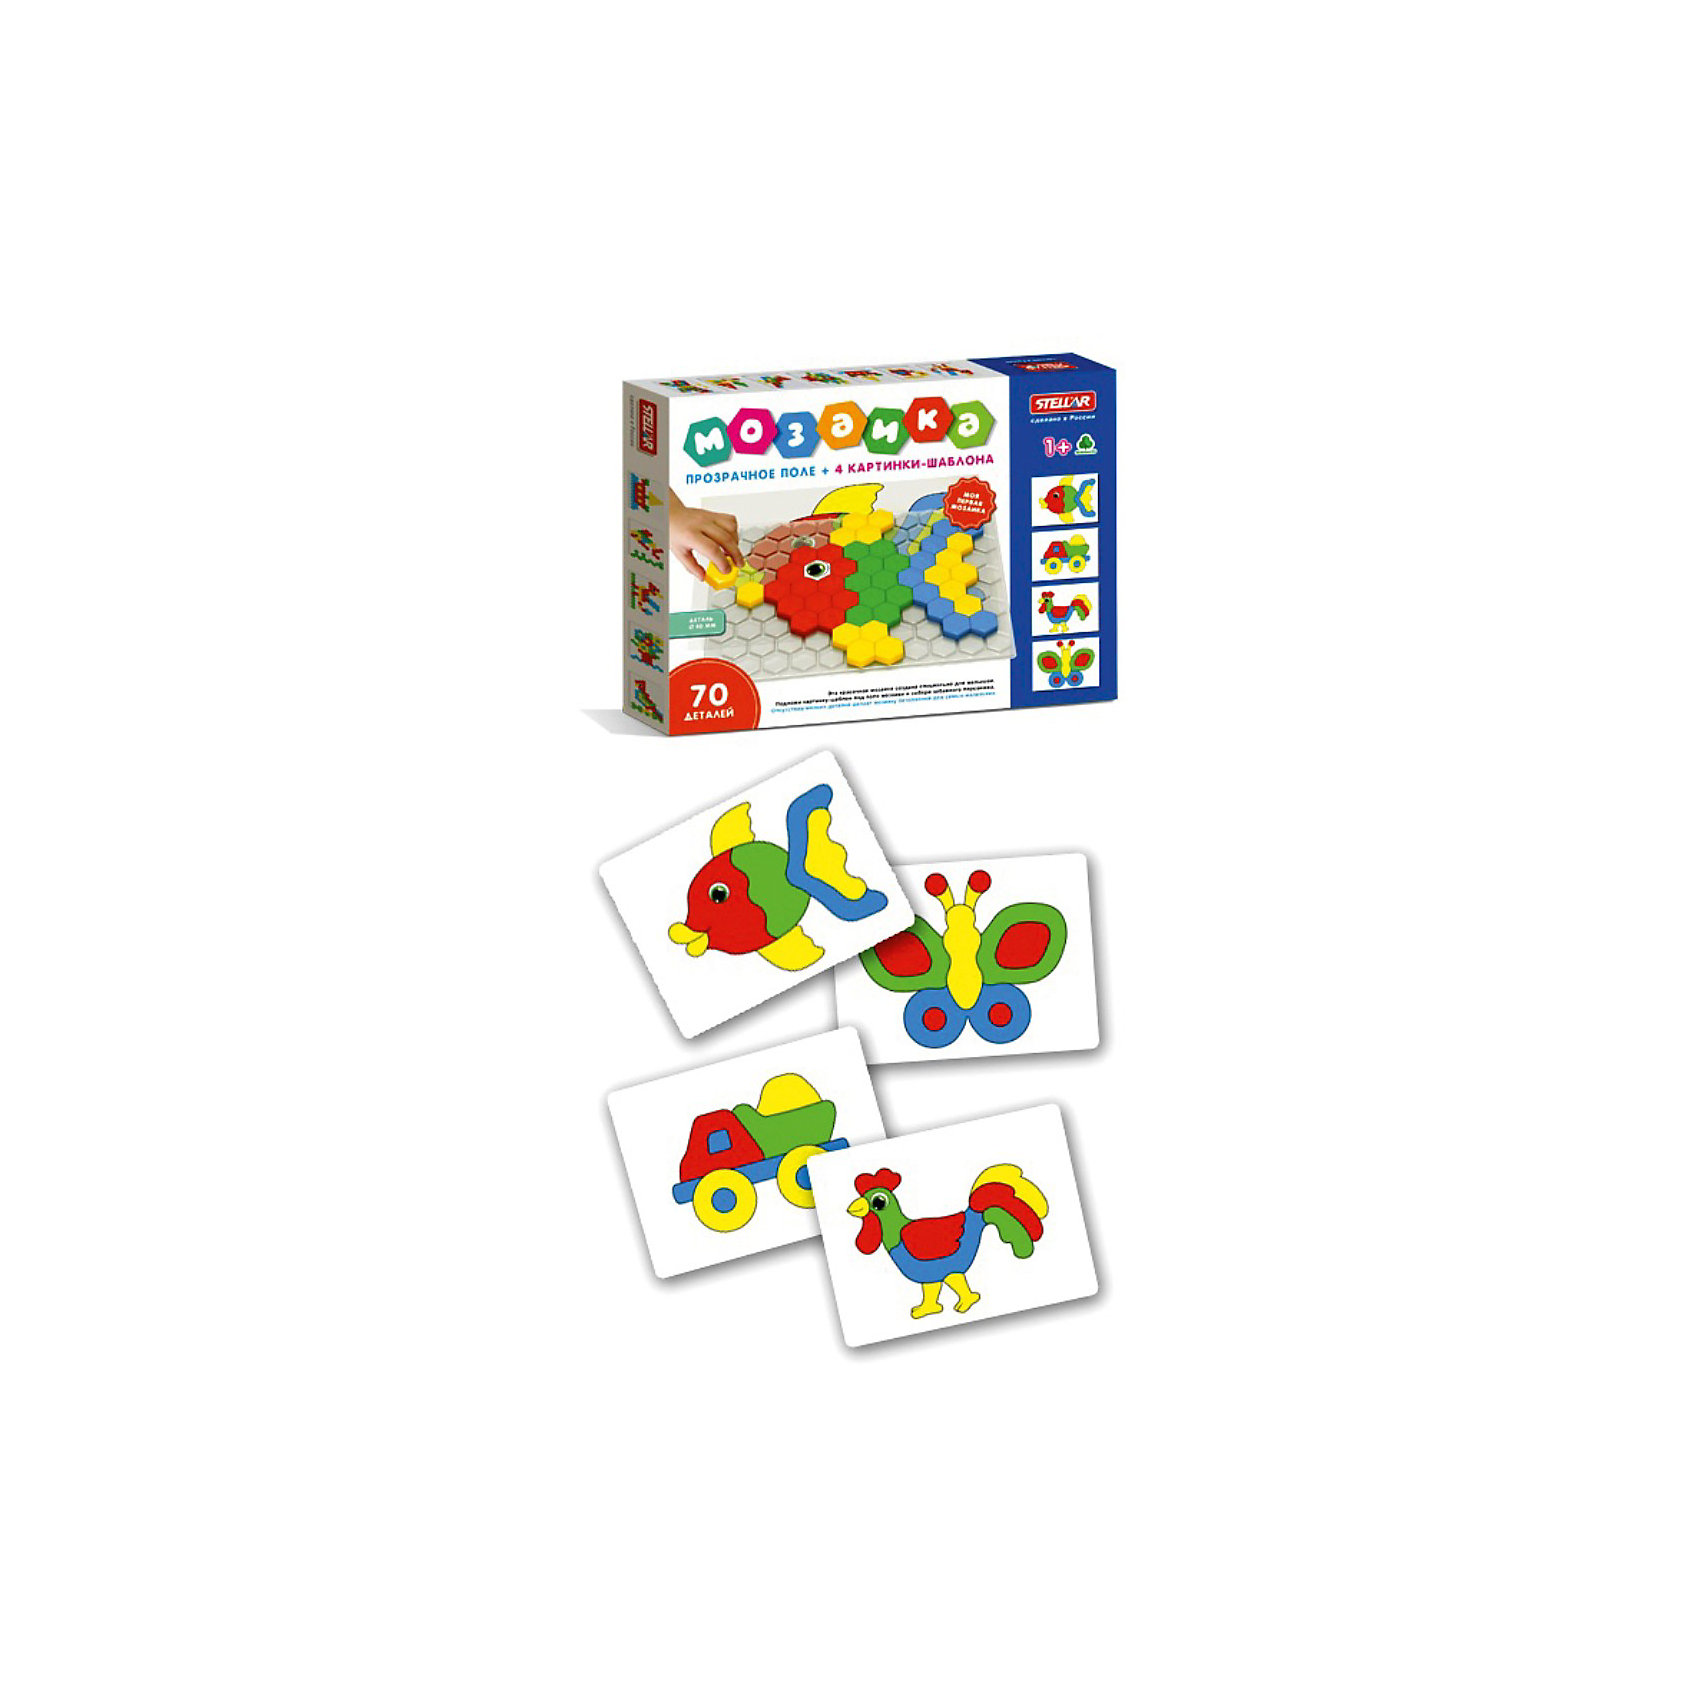 Мозаика, 70 деталей, СтелларЯркая, разноцветная мозайка обязательно понравится вашему ребенку. По - началу малыш может испытывать некоторые трудности, собирая ее, но  с вашей помощью у него обязательно все получится! С каждым разом собирать картинки будет легче и легче. А когда кроха освоит этот набор, можно будет перейти к мозаике с большим количеством элементов. Этот красочный набор можно брать с собой куда угодно, все что нужно для игры и творчества - это найти ровную горизонтальную поверхность! Практически все педагоги и психологи сходятся во мнении, что такие наборы должны быть у каждого ребенка, т. к. они прекрасно развивают мелкую моторику, мышление, внимательность и усидчивость. <br><br>Дополнительная информация:<br><br>- Комплектация: прозрачное поле, картинки-шаблоны (4 шт.)<br>- Материал: полипропилен.<br>- Диаметр элемента: 40мм.<br><br>Мозаику, 70 деталей, Стеллар можно купить в нашем магазине.<br><br>Ширина мм: 475<br>Глубина мм: 358<br>Высота мм: 40<br>Вес г: 500<br>Возраст от месяцев: 12<br>Возраст до месяцев: 72<br>Пол: Унисекс<br>Возраст: Детский<br>SKU: 3905849